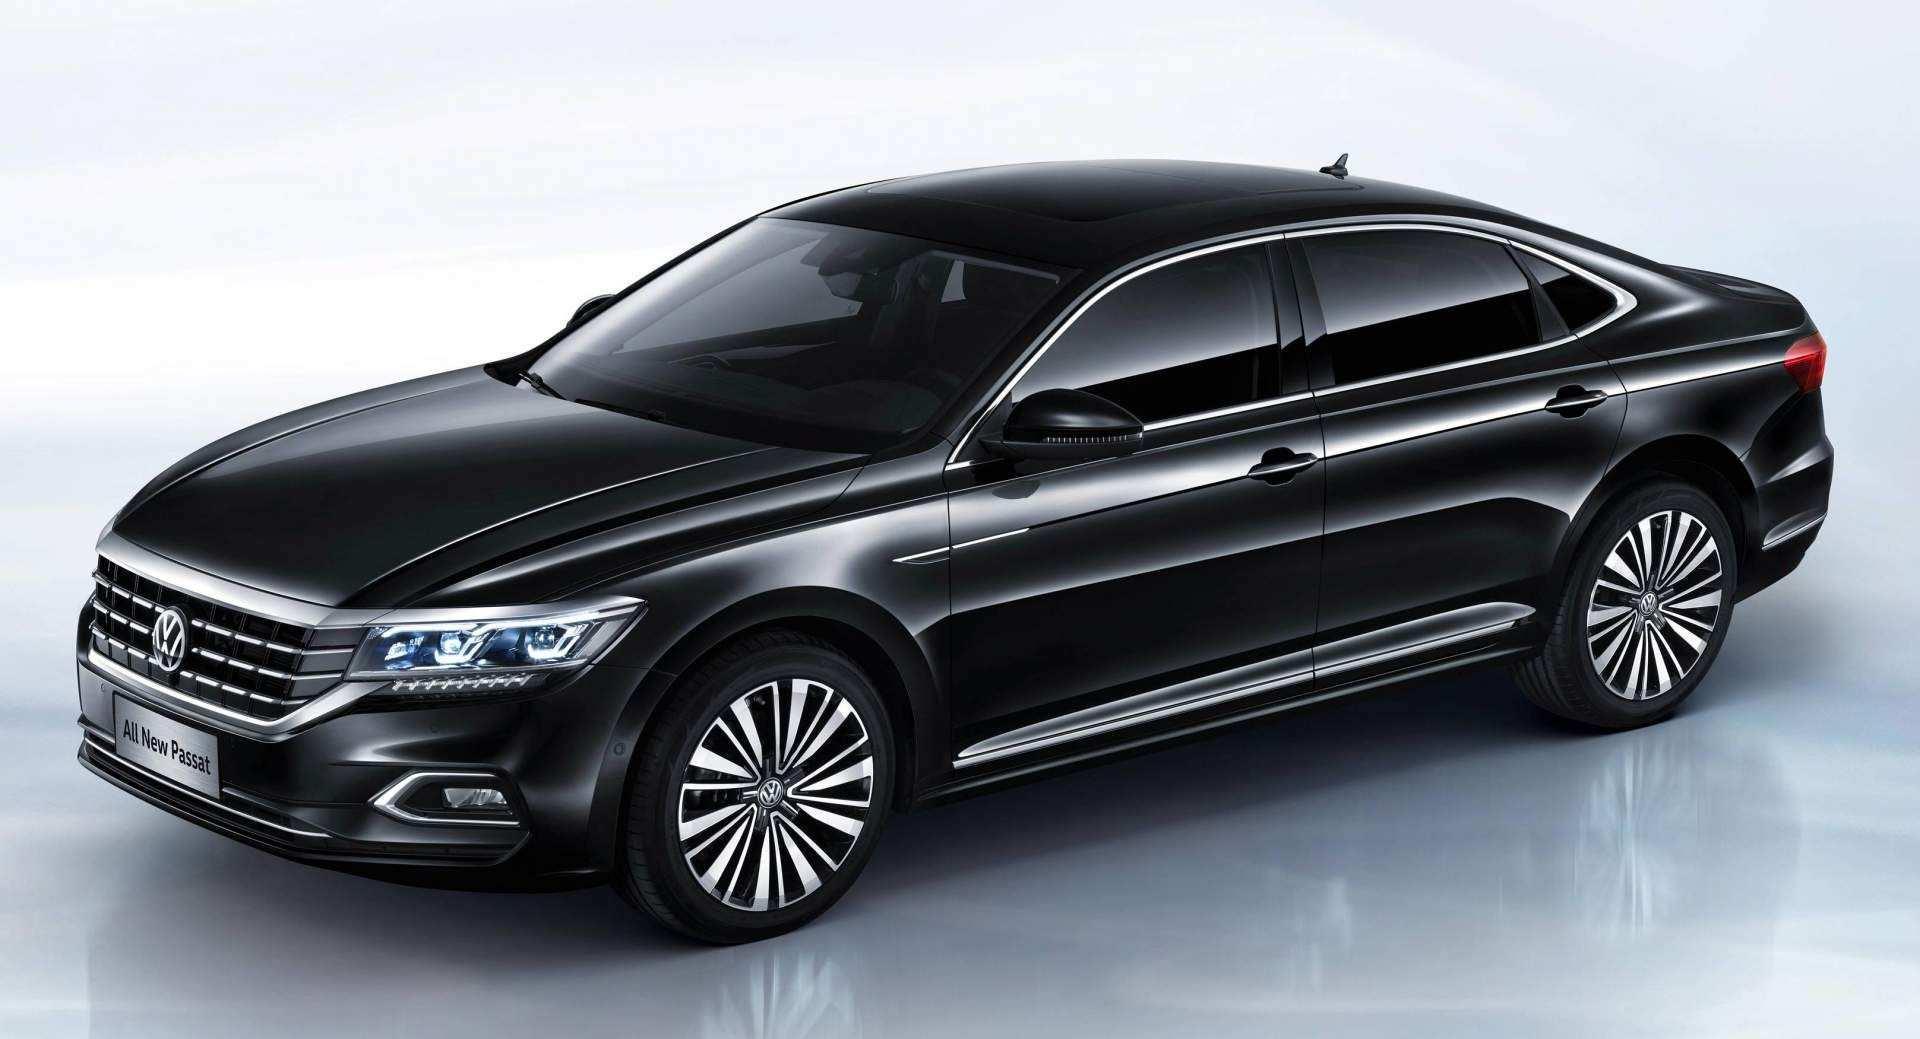 60 Best Review New Volkswagen 2019 Passat Concept Exterior and Interior with New Volkswagen 2019 Passat Concept